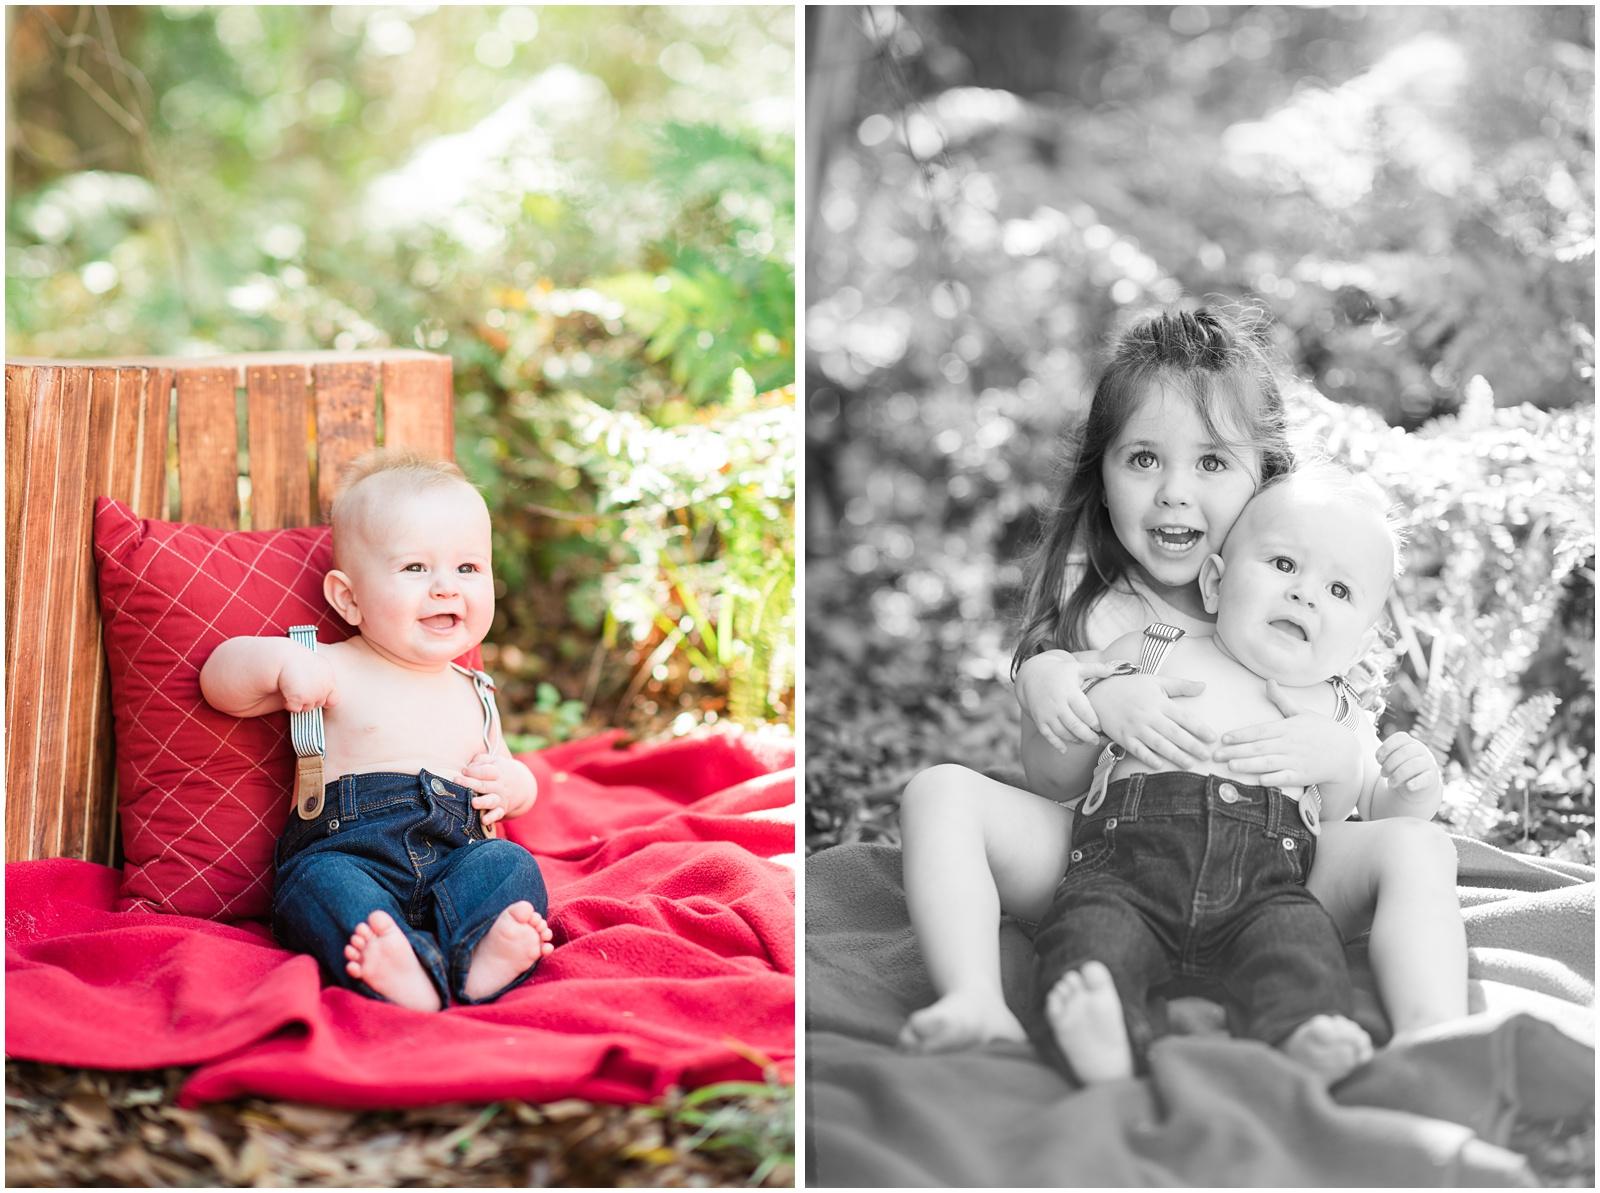 Baby_Portraits_6 Months_Valentine's Day_Walter Jones Park_7.jpg